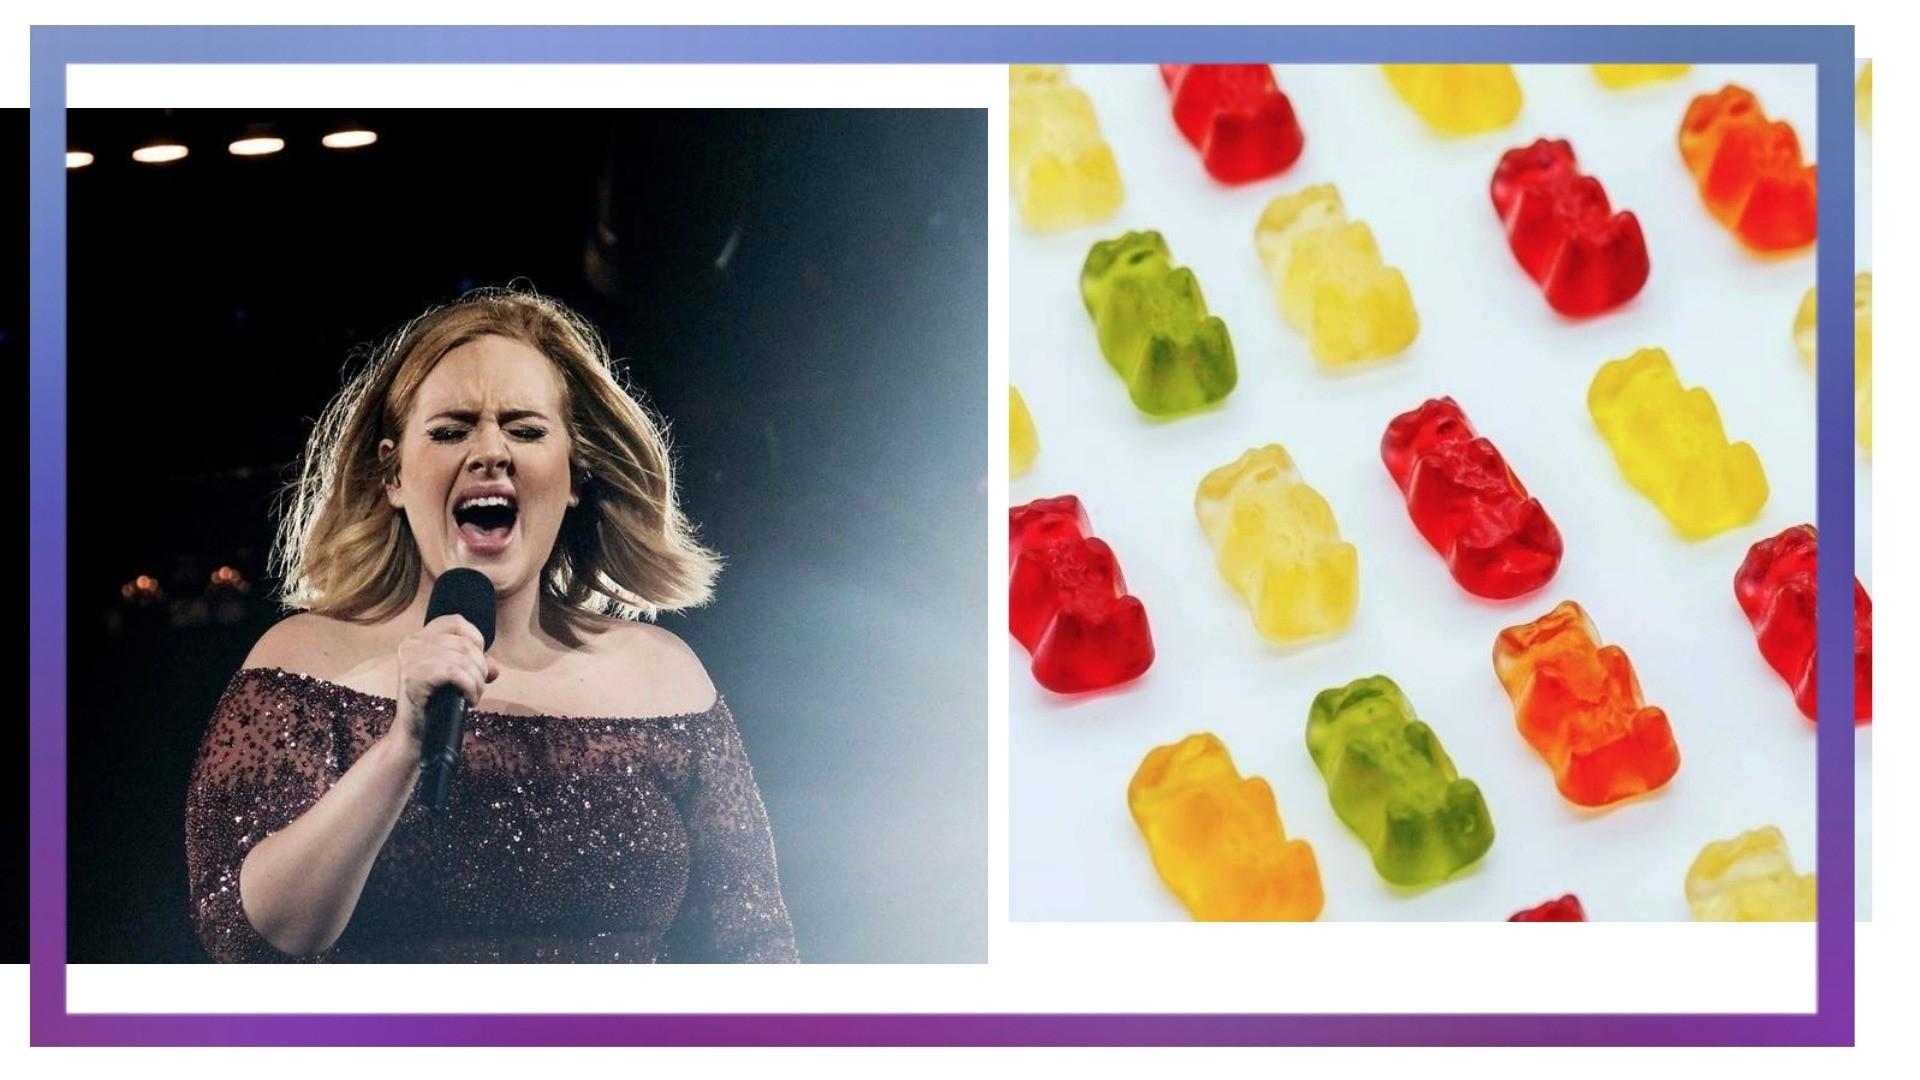 Первый флешмоб 2019 года: что объединяет хит Адель и мишек из мармелада